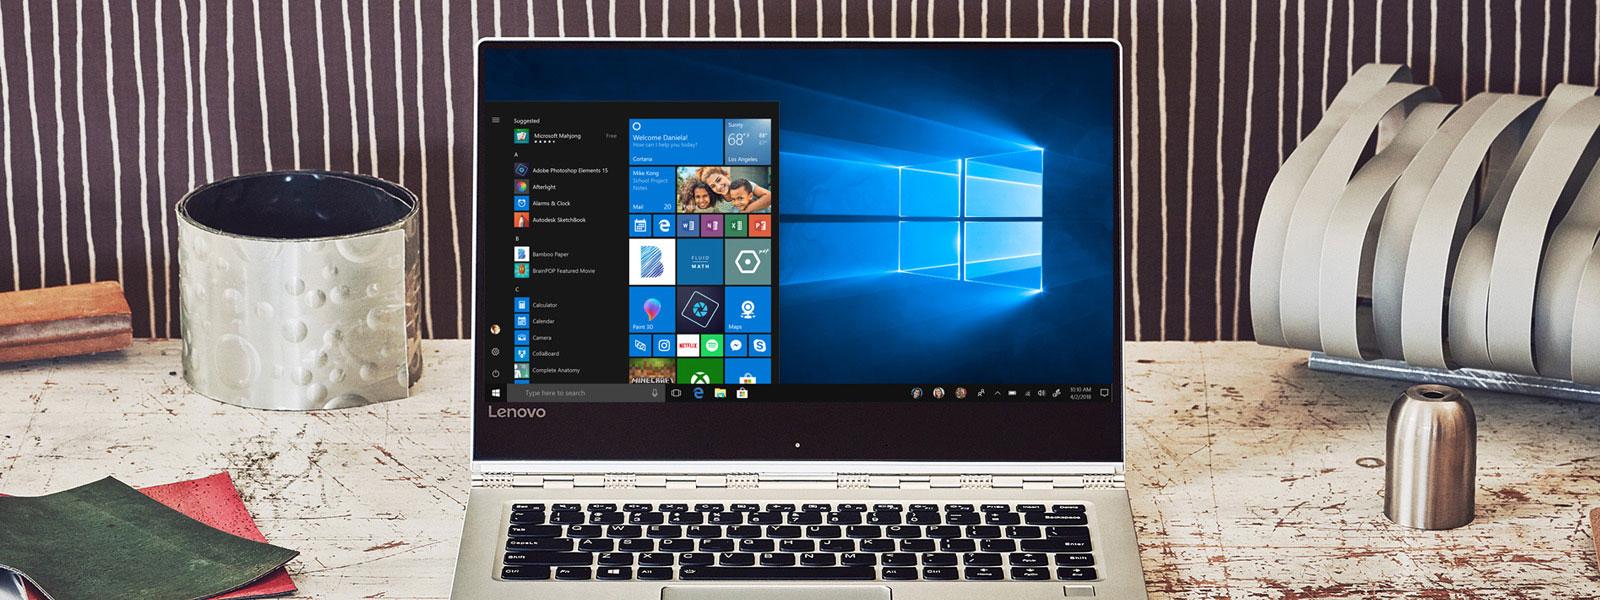 Стоящий на столе ноутбук, отображающий начальный экран Windows10